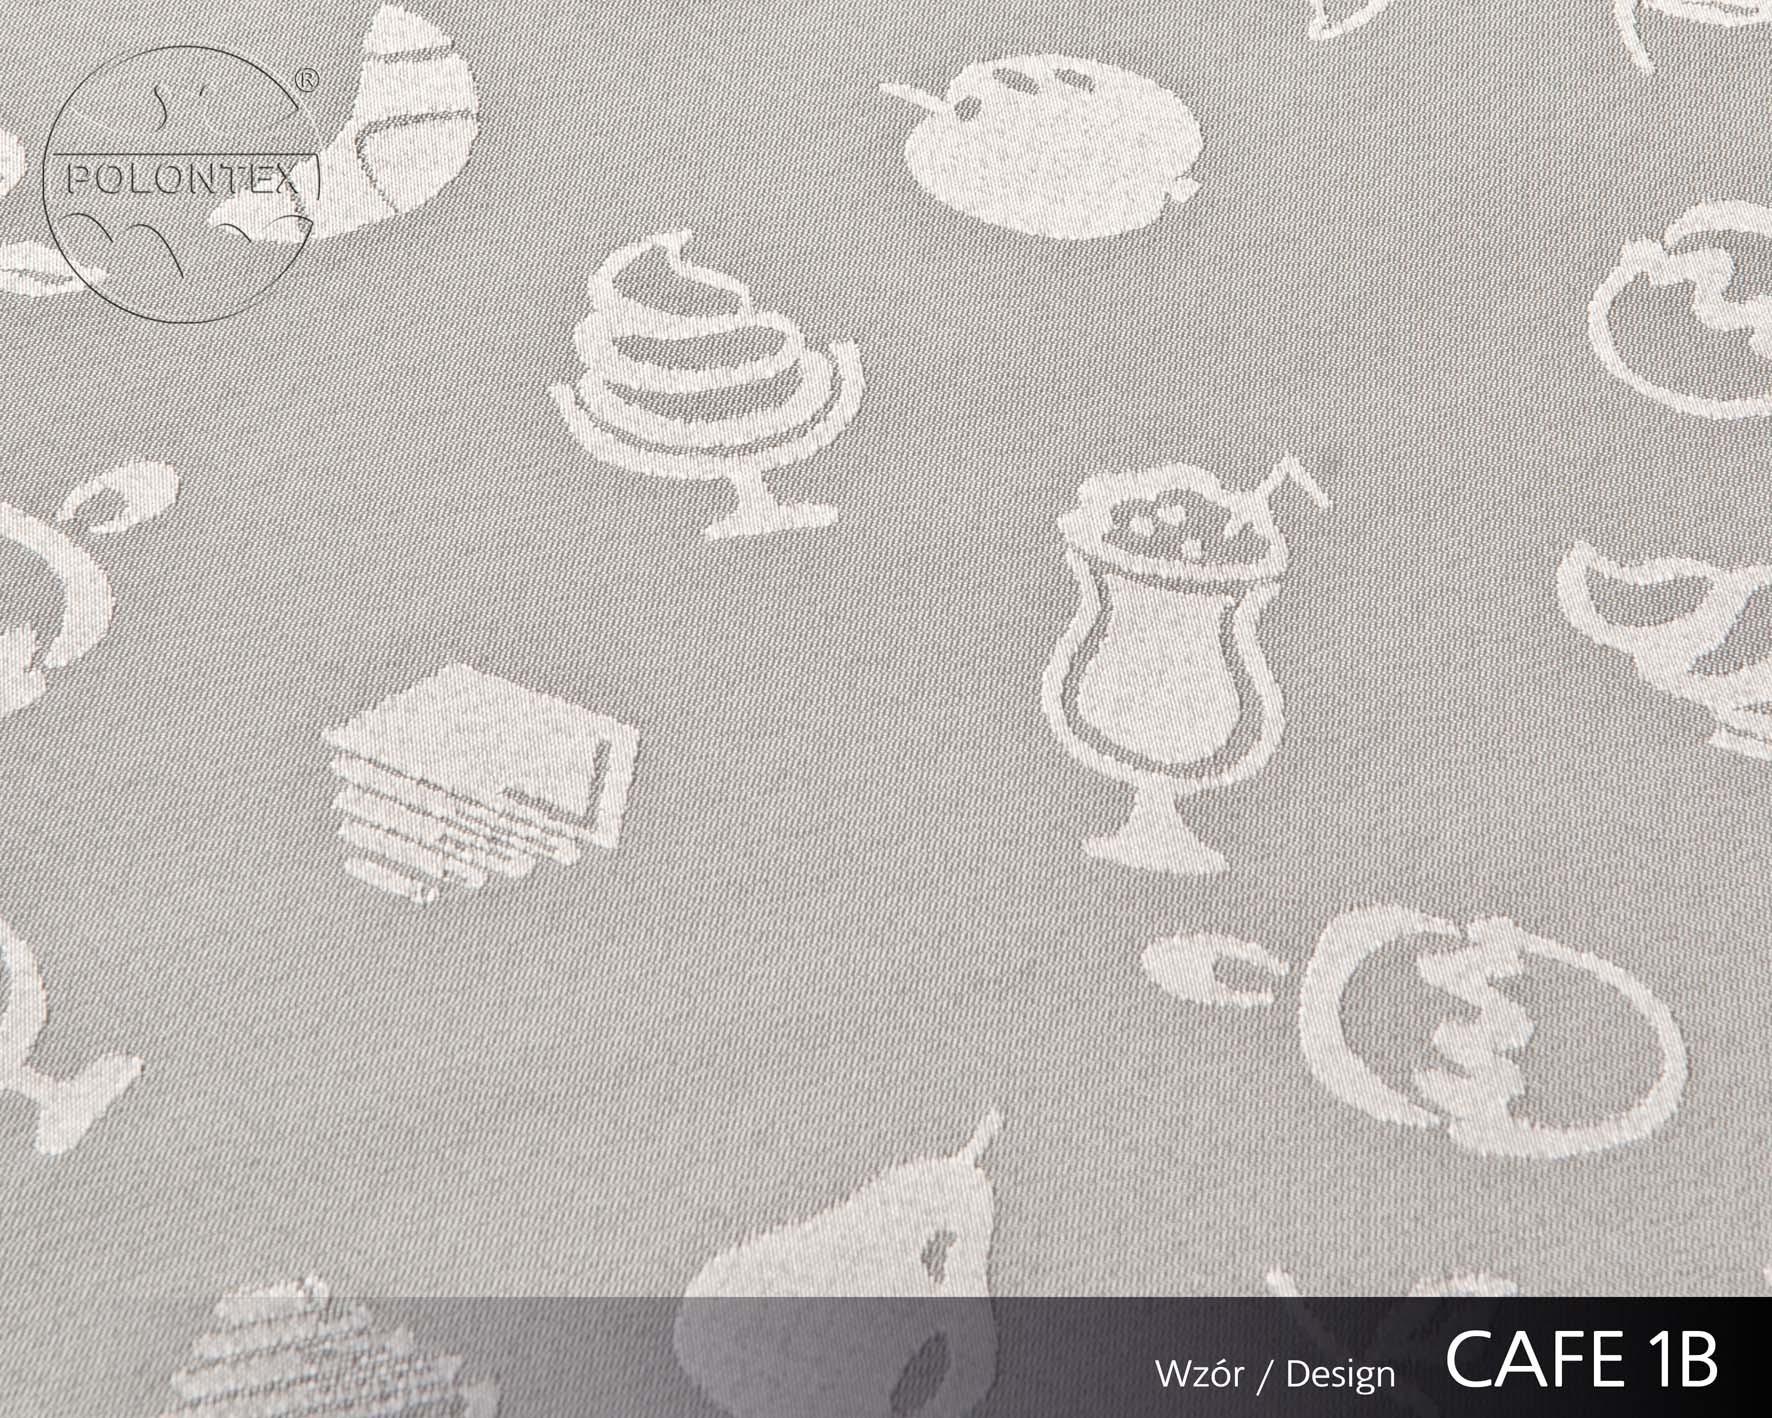 Cafe 1B 1000